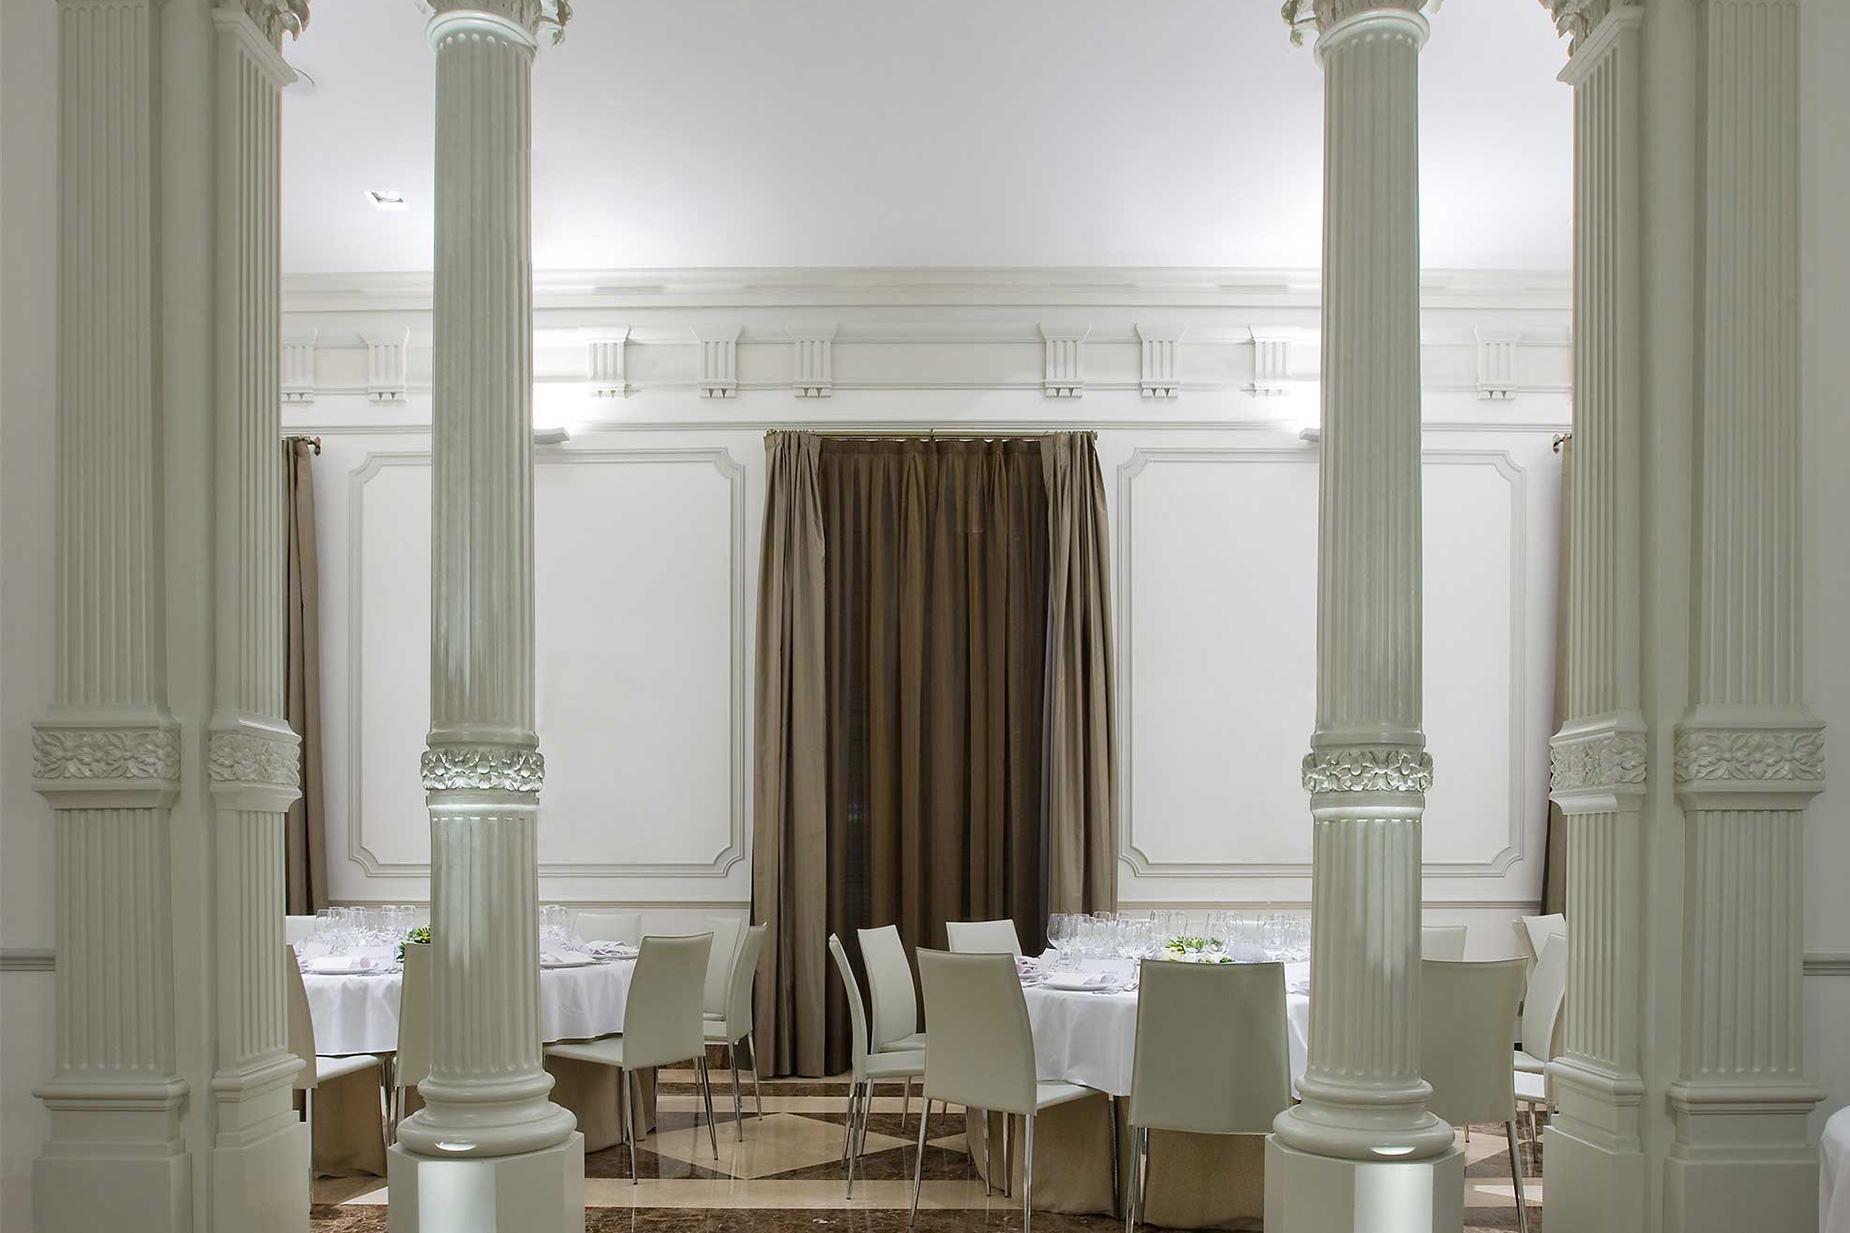 hotel-decoracion-interiores1